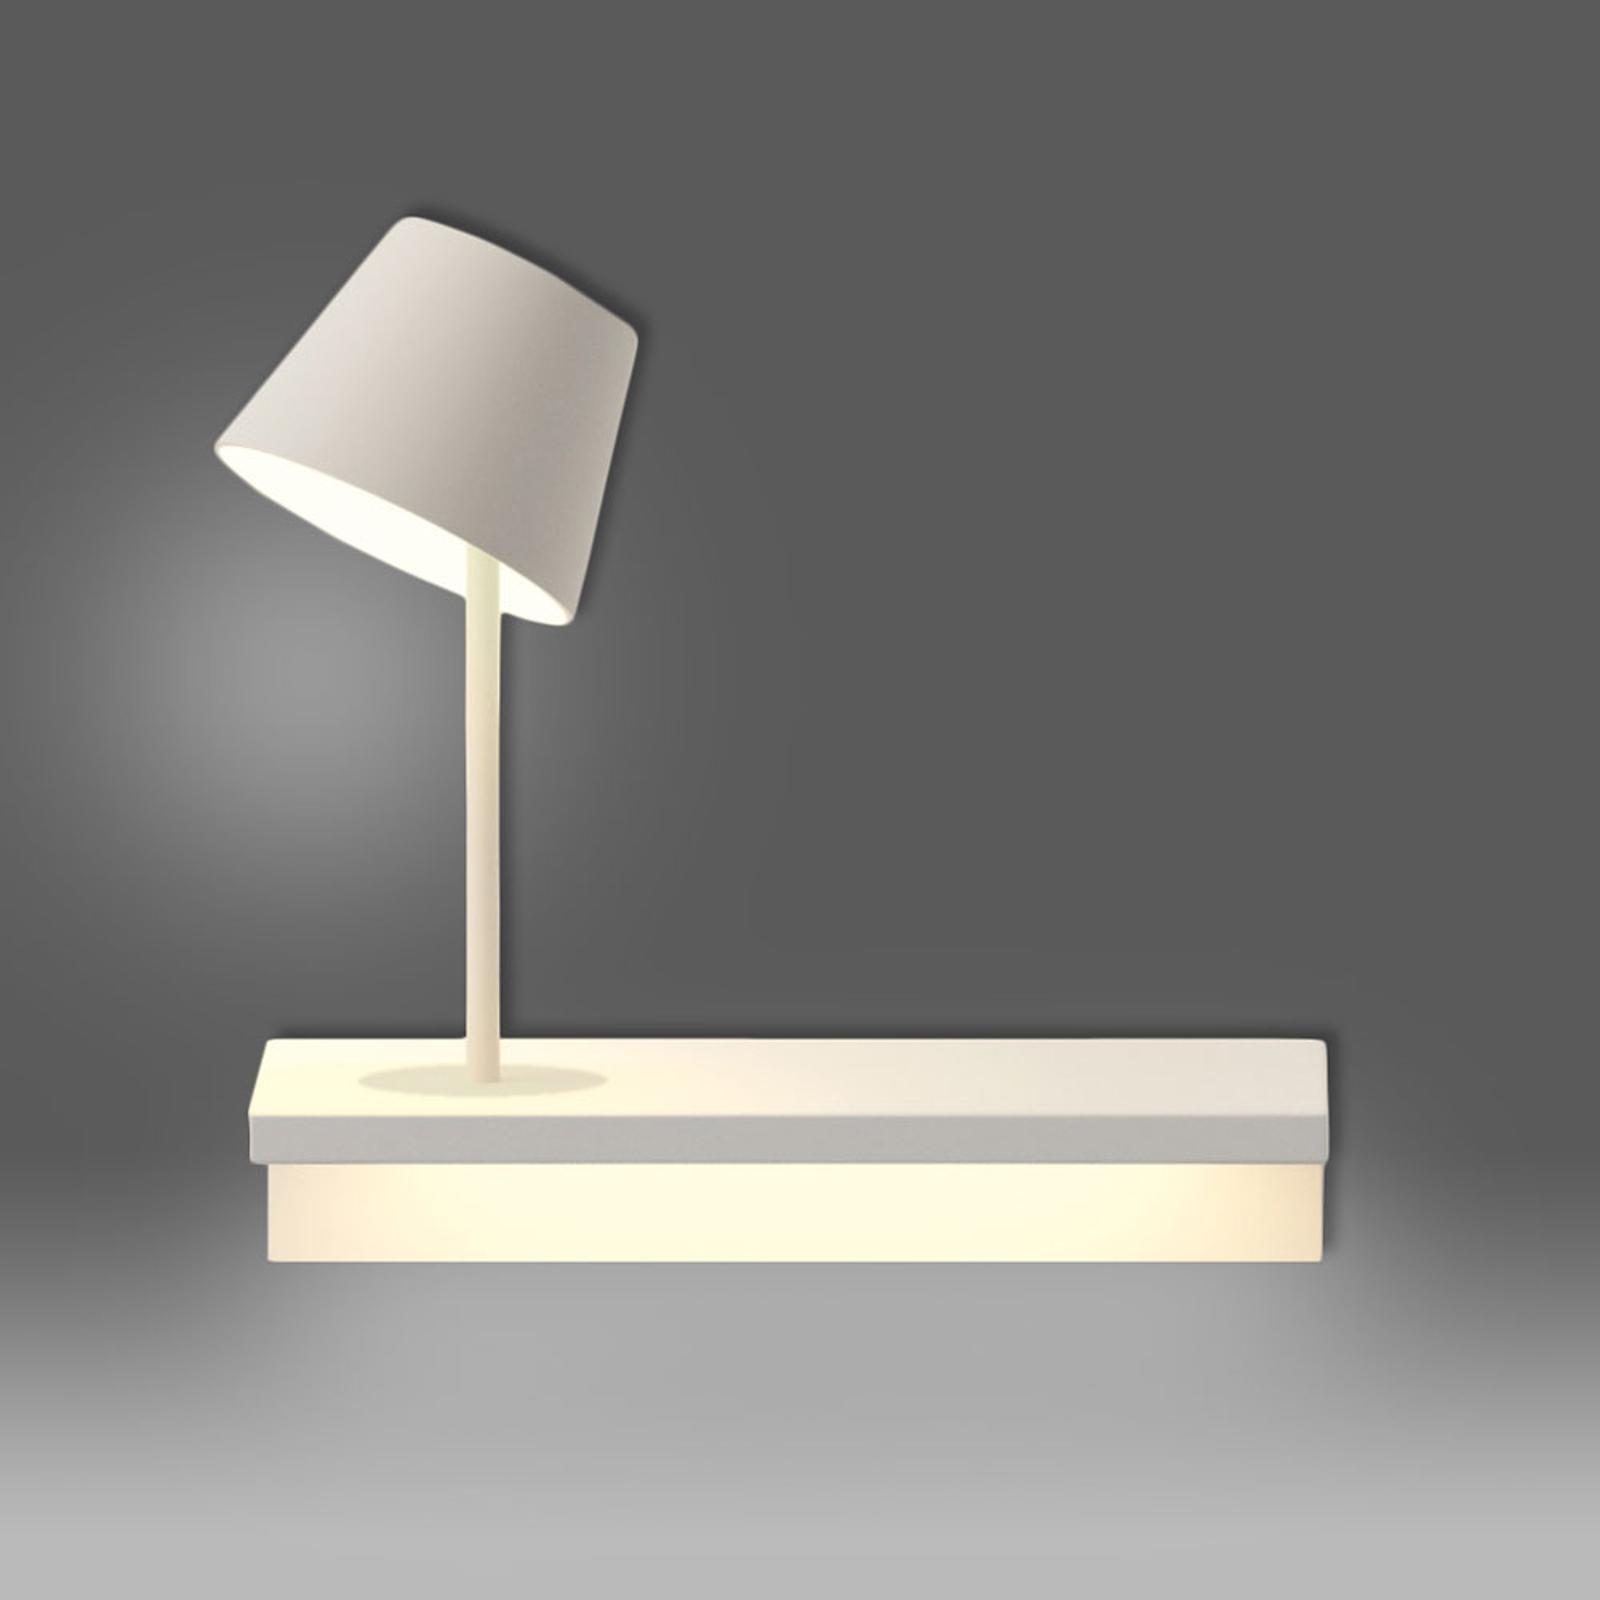 Moderna lámpara de pared LED Suite 29 cm